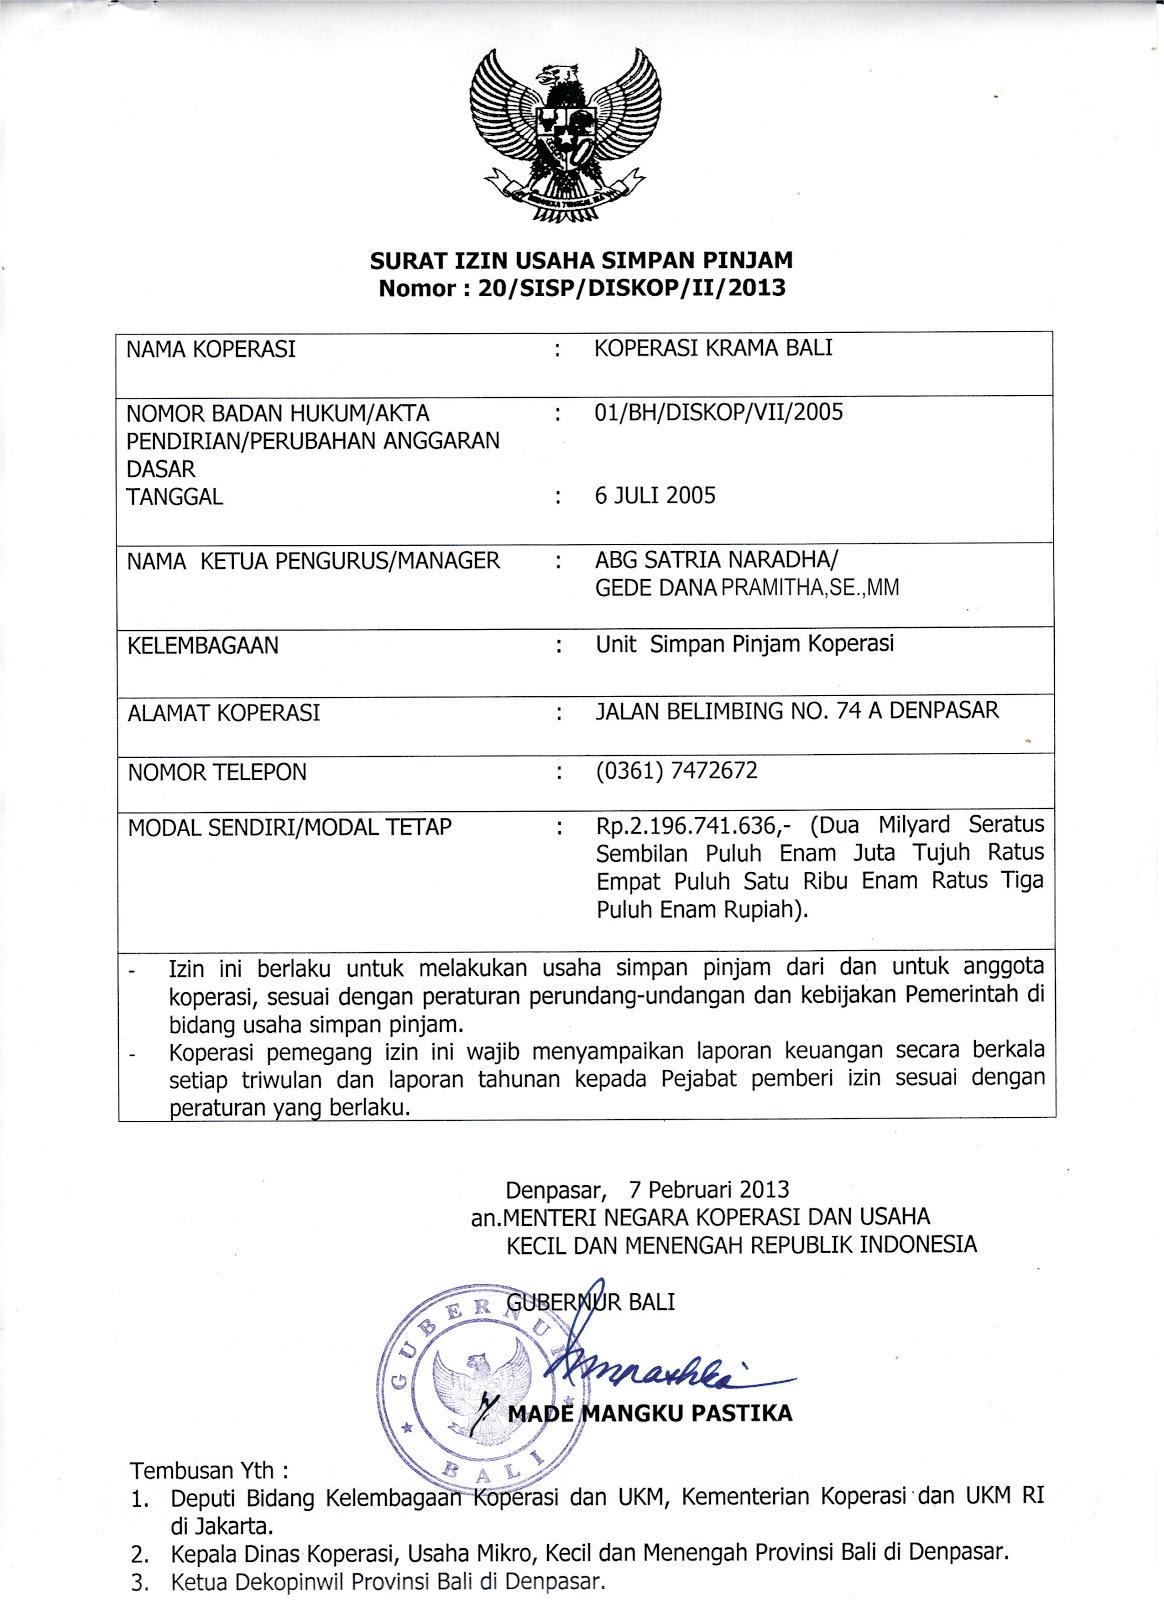 Koperasi Krama Bali Surat Izin Usaha Simpan Pinjam